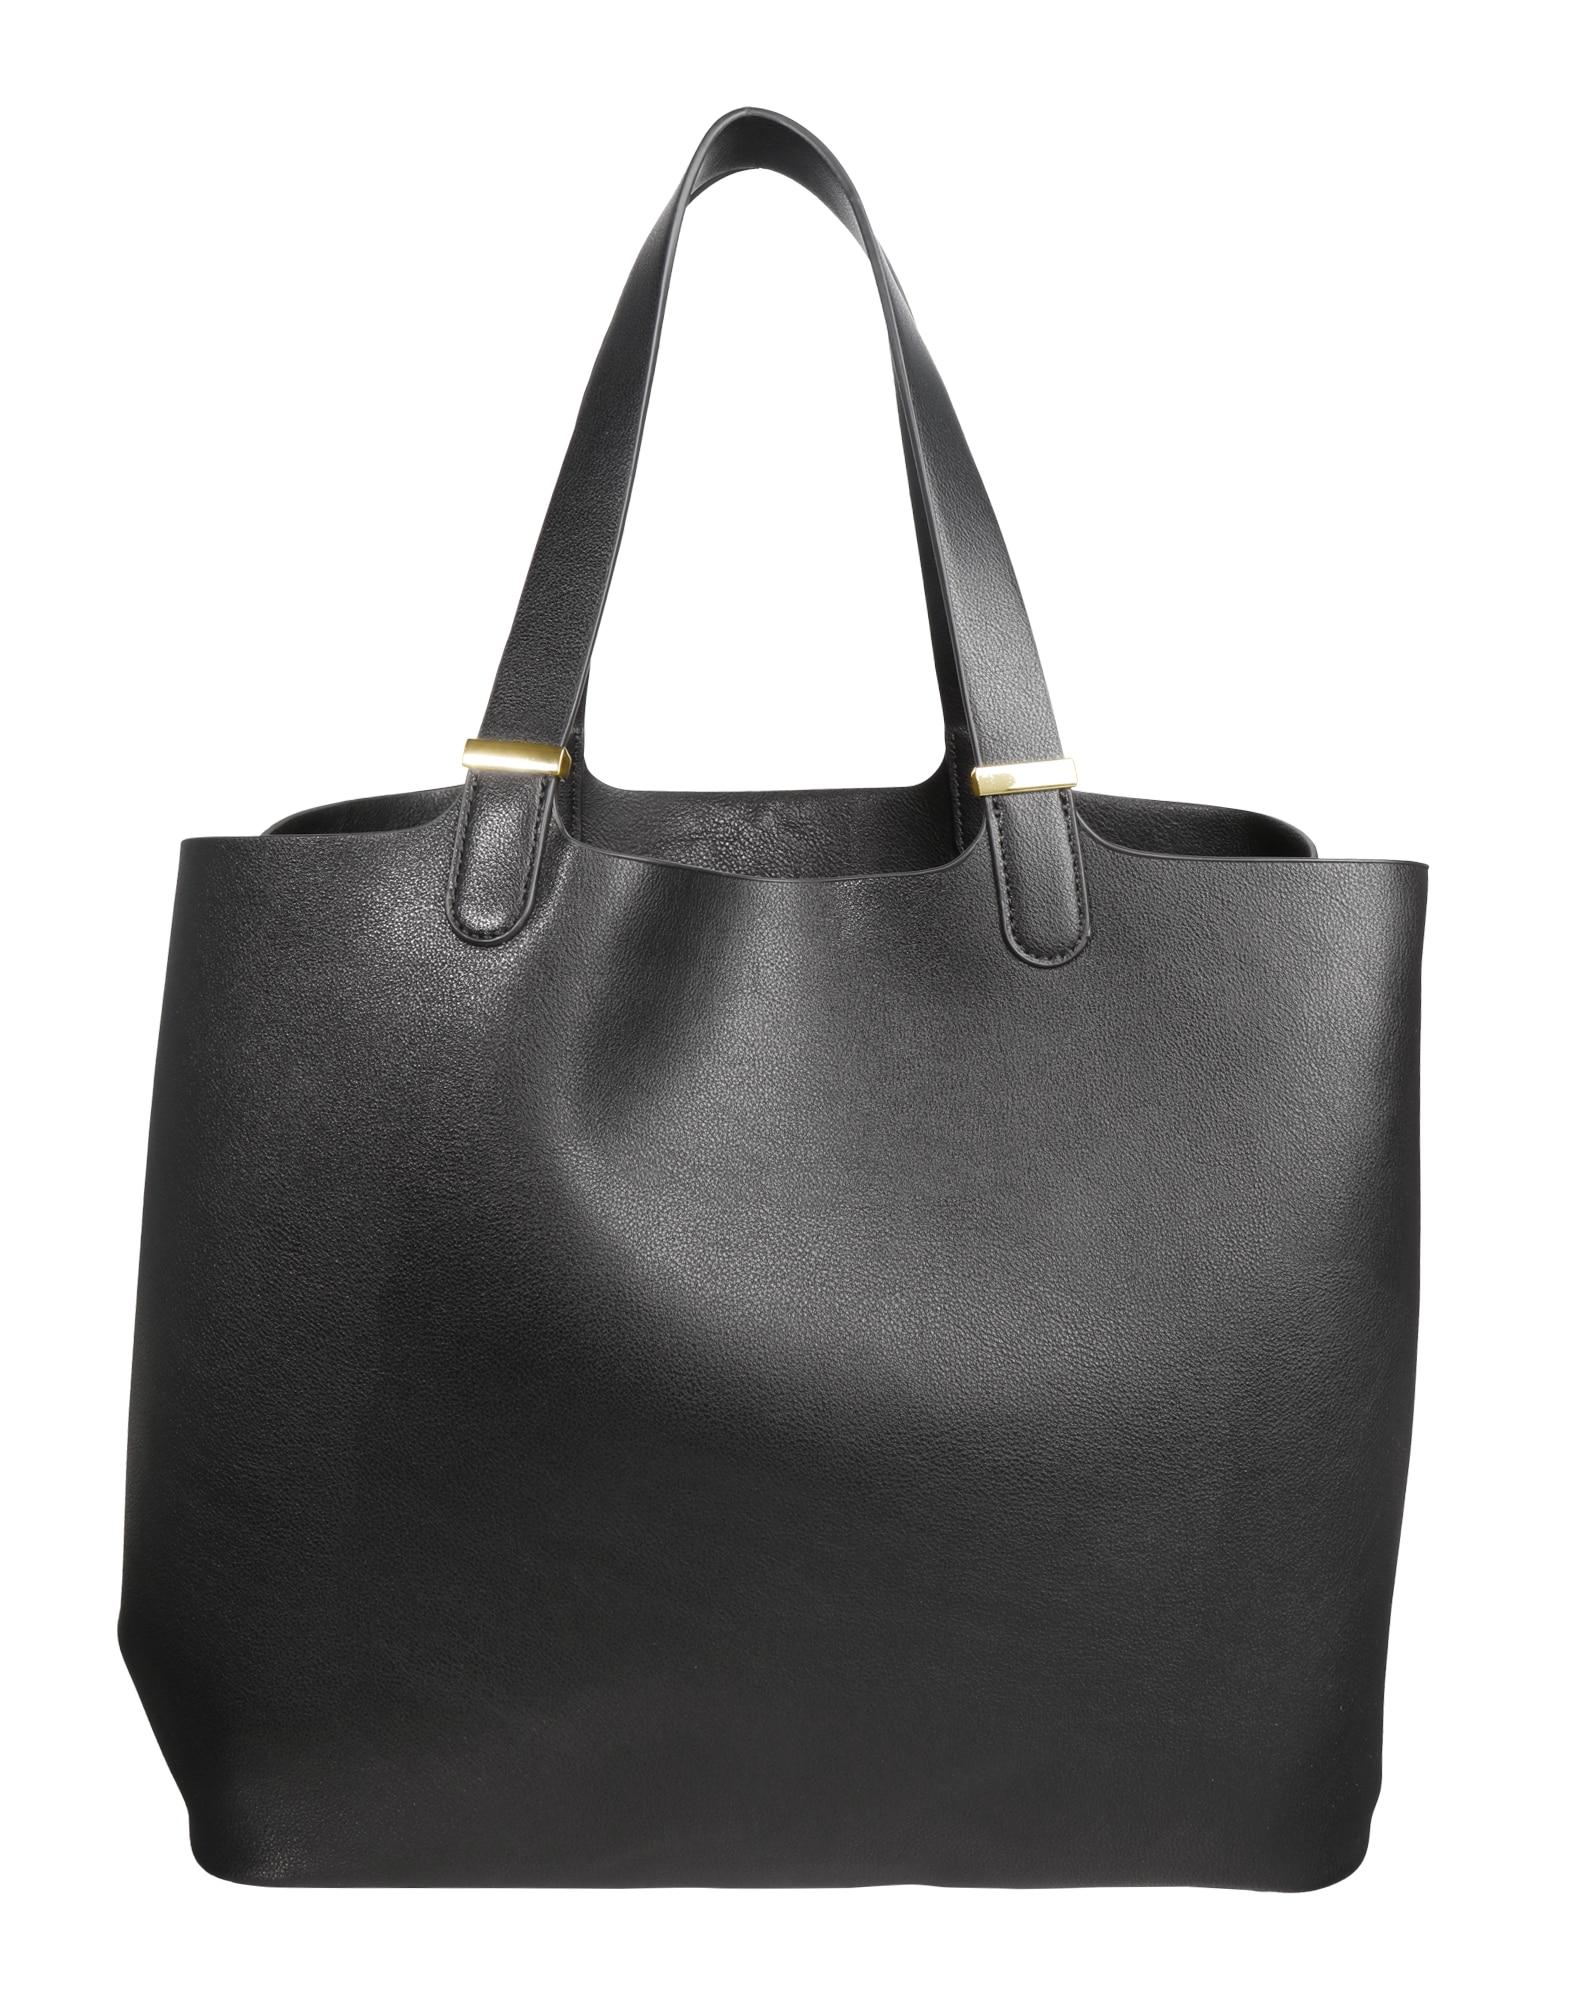 7b4d9a78fab4f Rabatt-Preisvergleich.de - Frauen   Accessoires   Taschen   Shopper